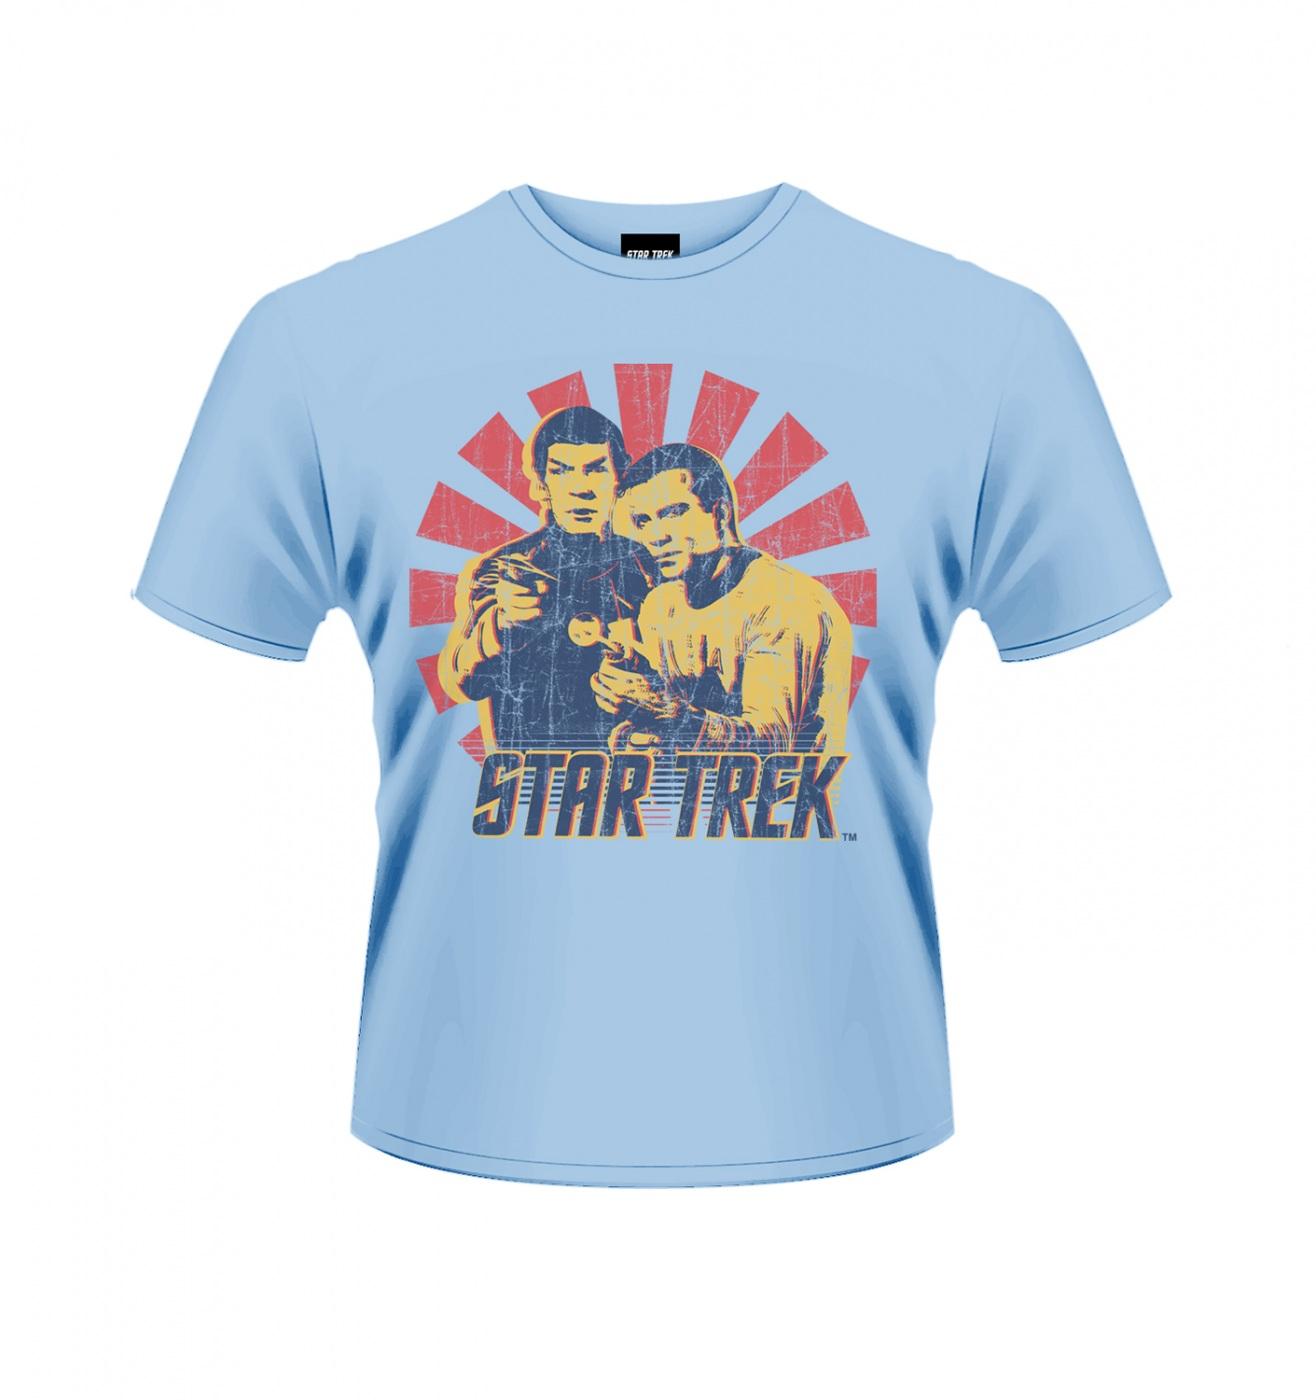 OFFICIAL Star Trek Kirk & Spock men's t-shirt